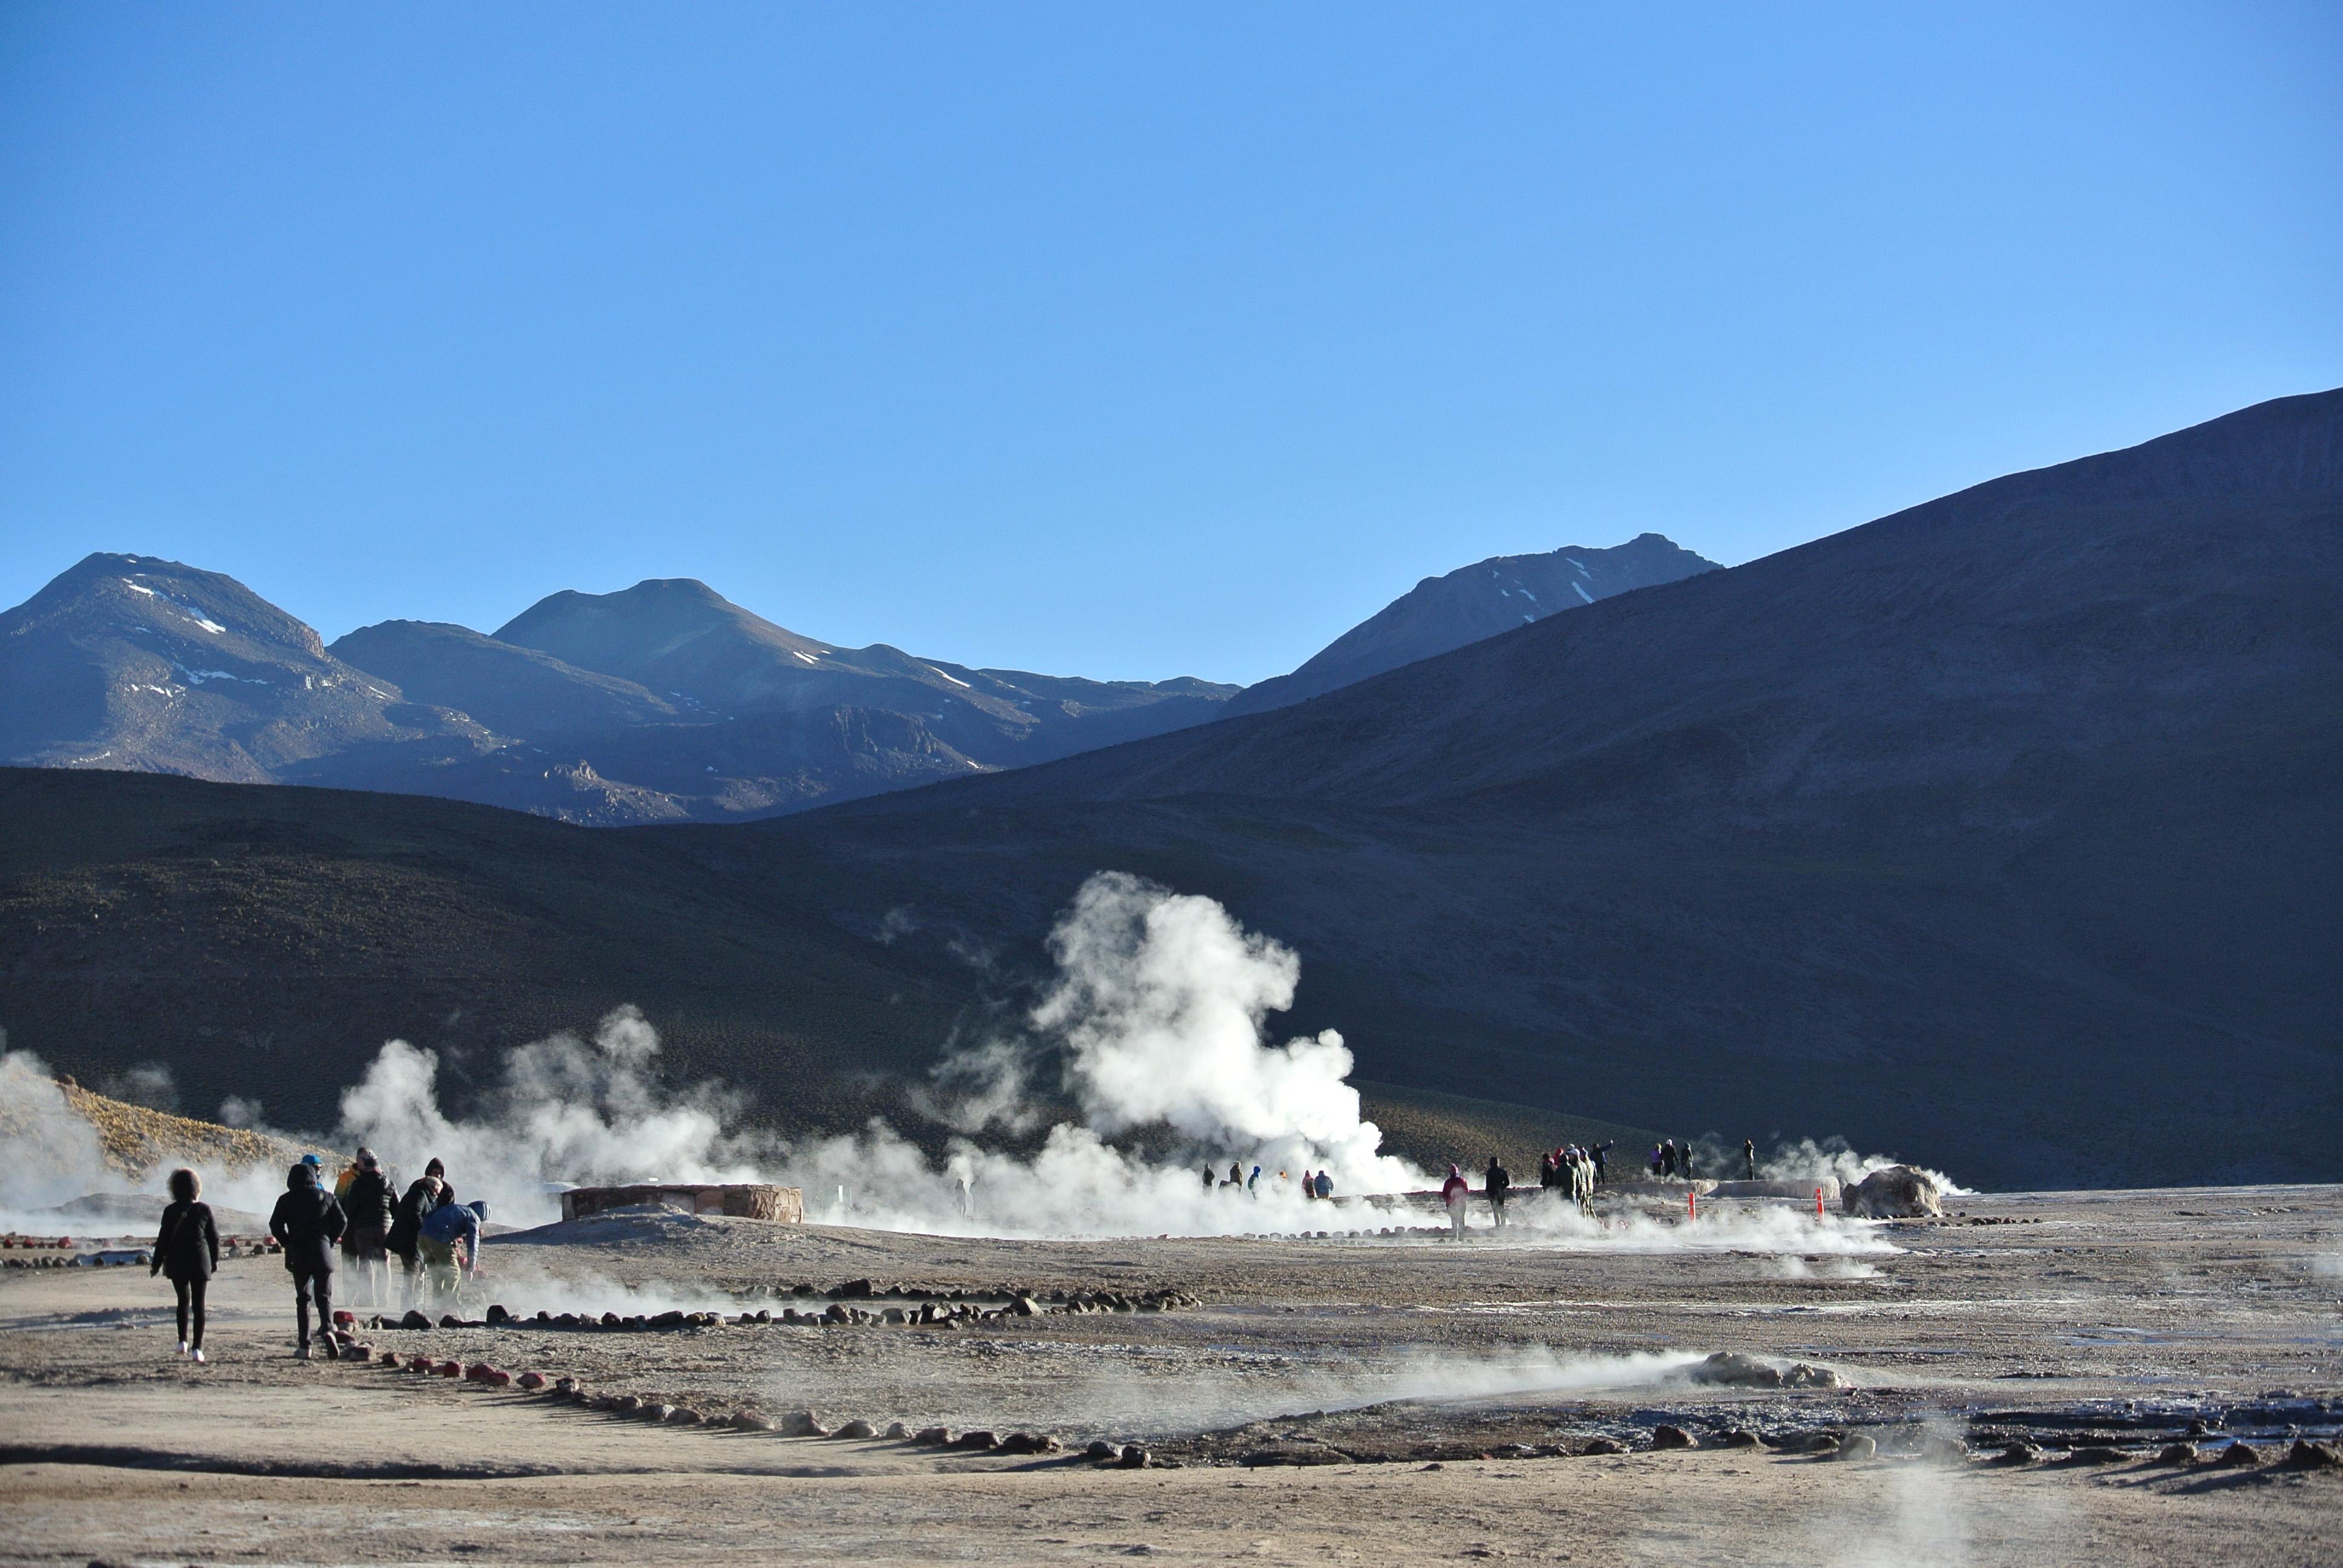 0712 13122017 Nord Chile 2 San Pedro De Atacama Und Zurck Special Order 0481112 048 1112 Geysers Del Tatio 50